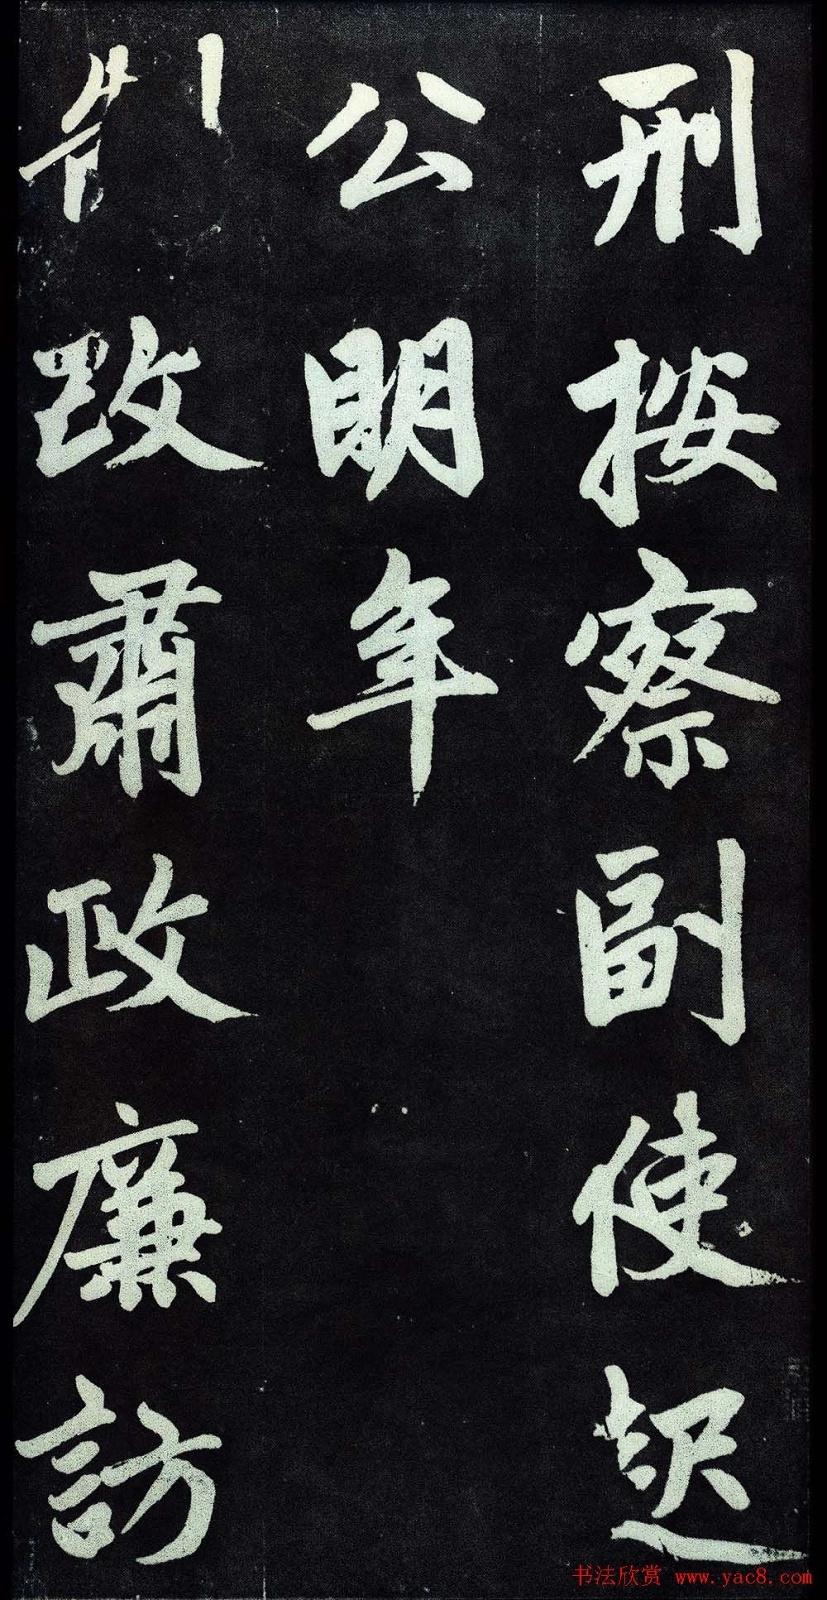 ��c~iˮK�~j_赵孟頫行楷书法字帖赏析《仇锷墓碑铭》